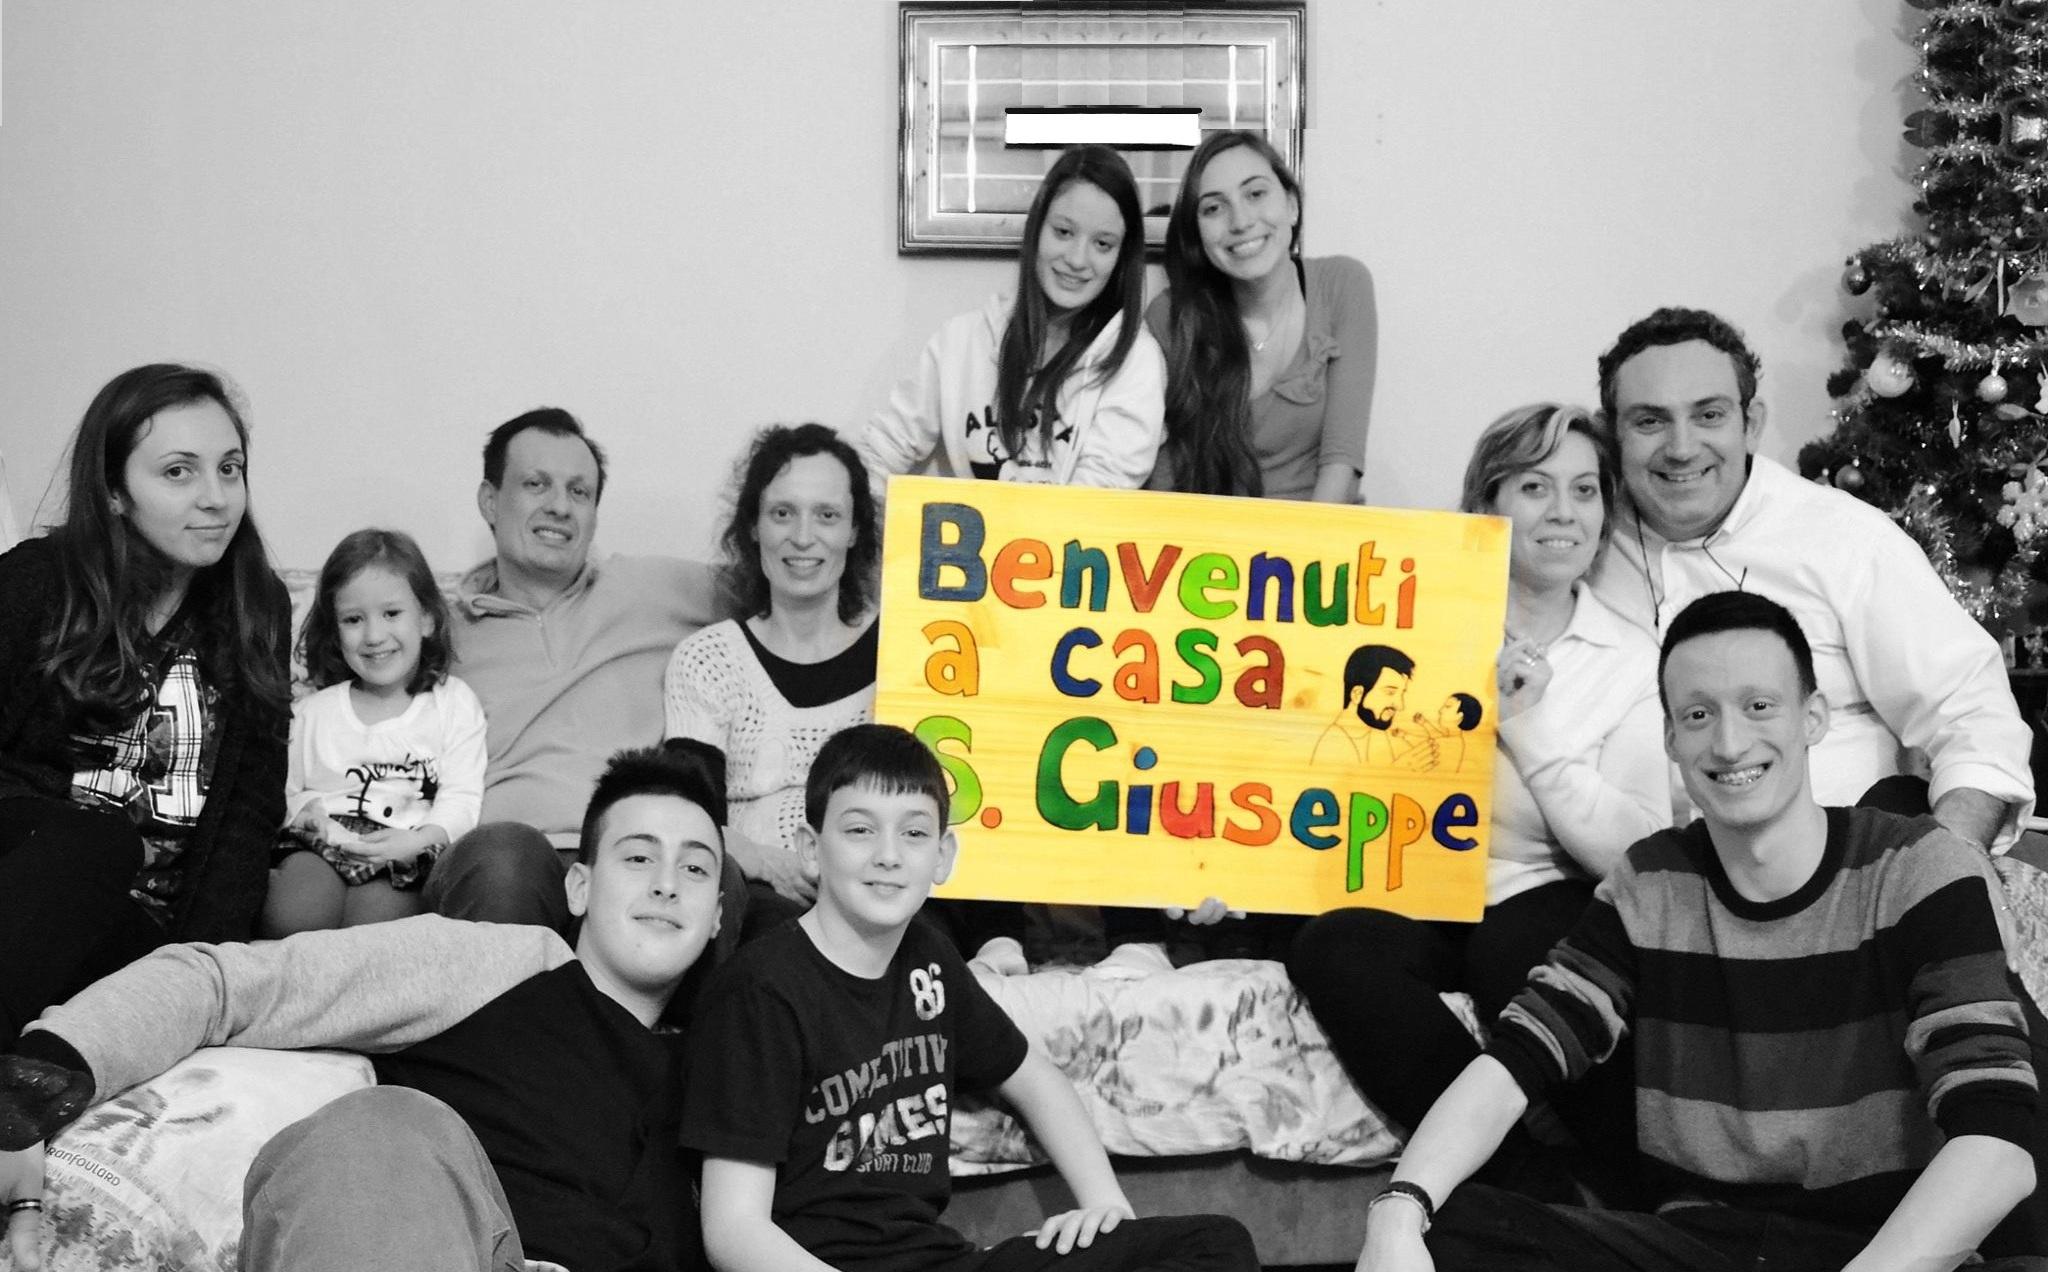 Benvenuti a Casa San Giuseppe